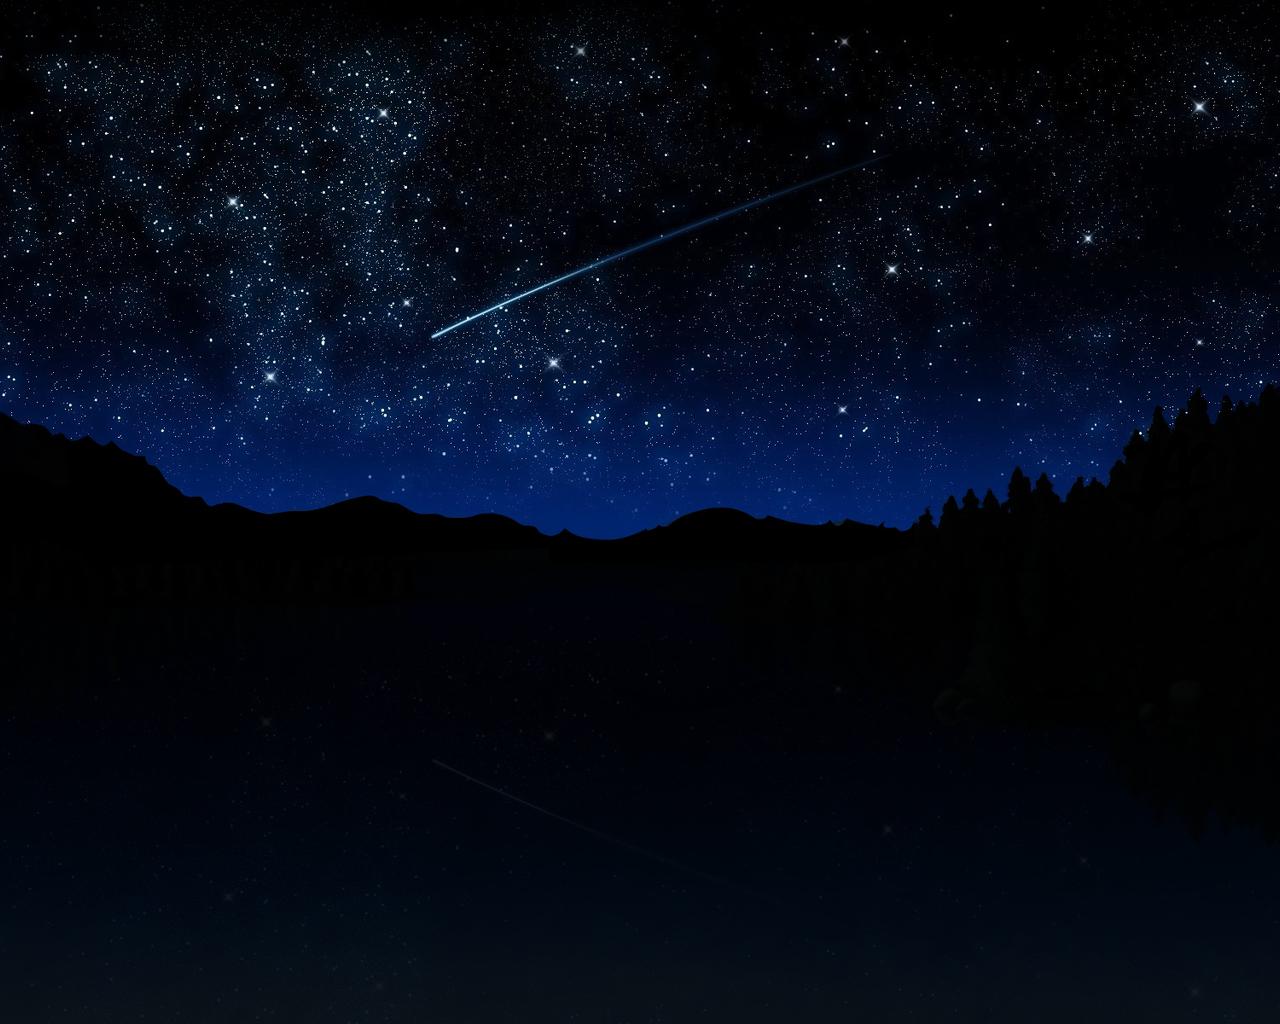 Night Sky Stars Wallpaper Hd 1280x1024